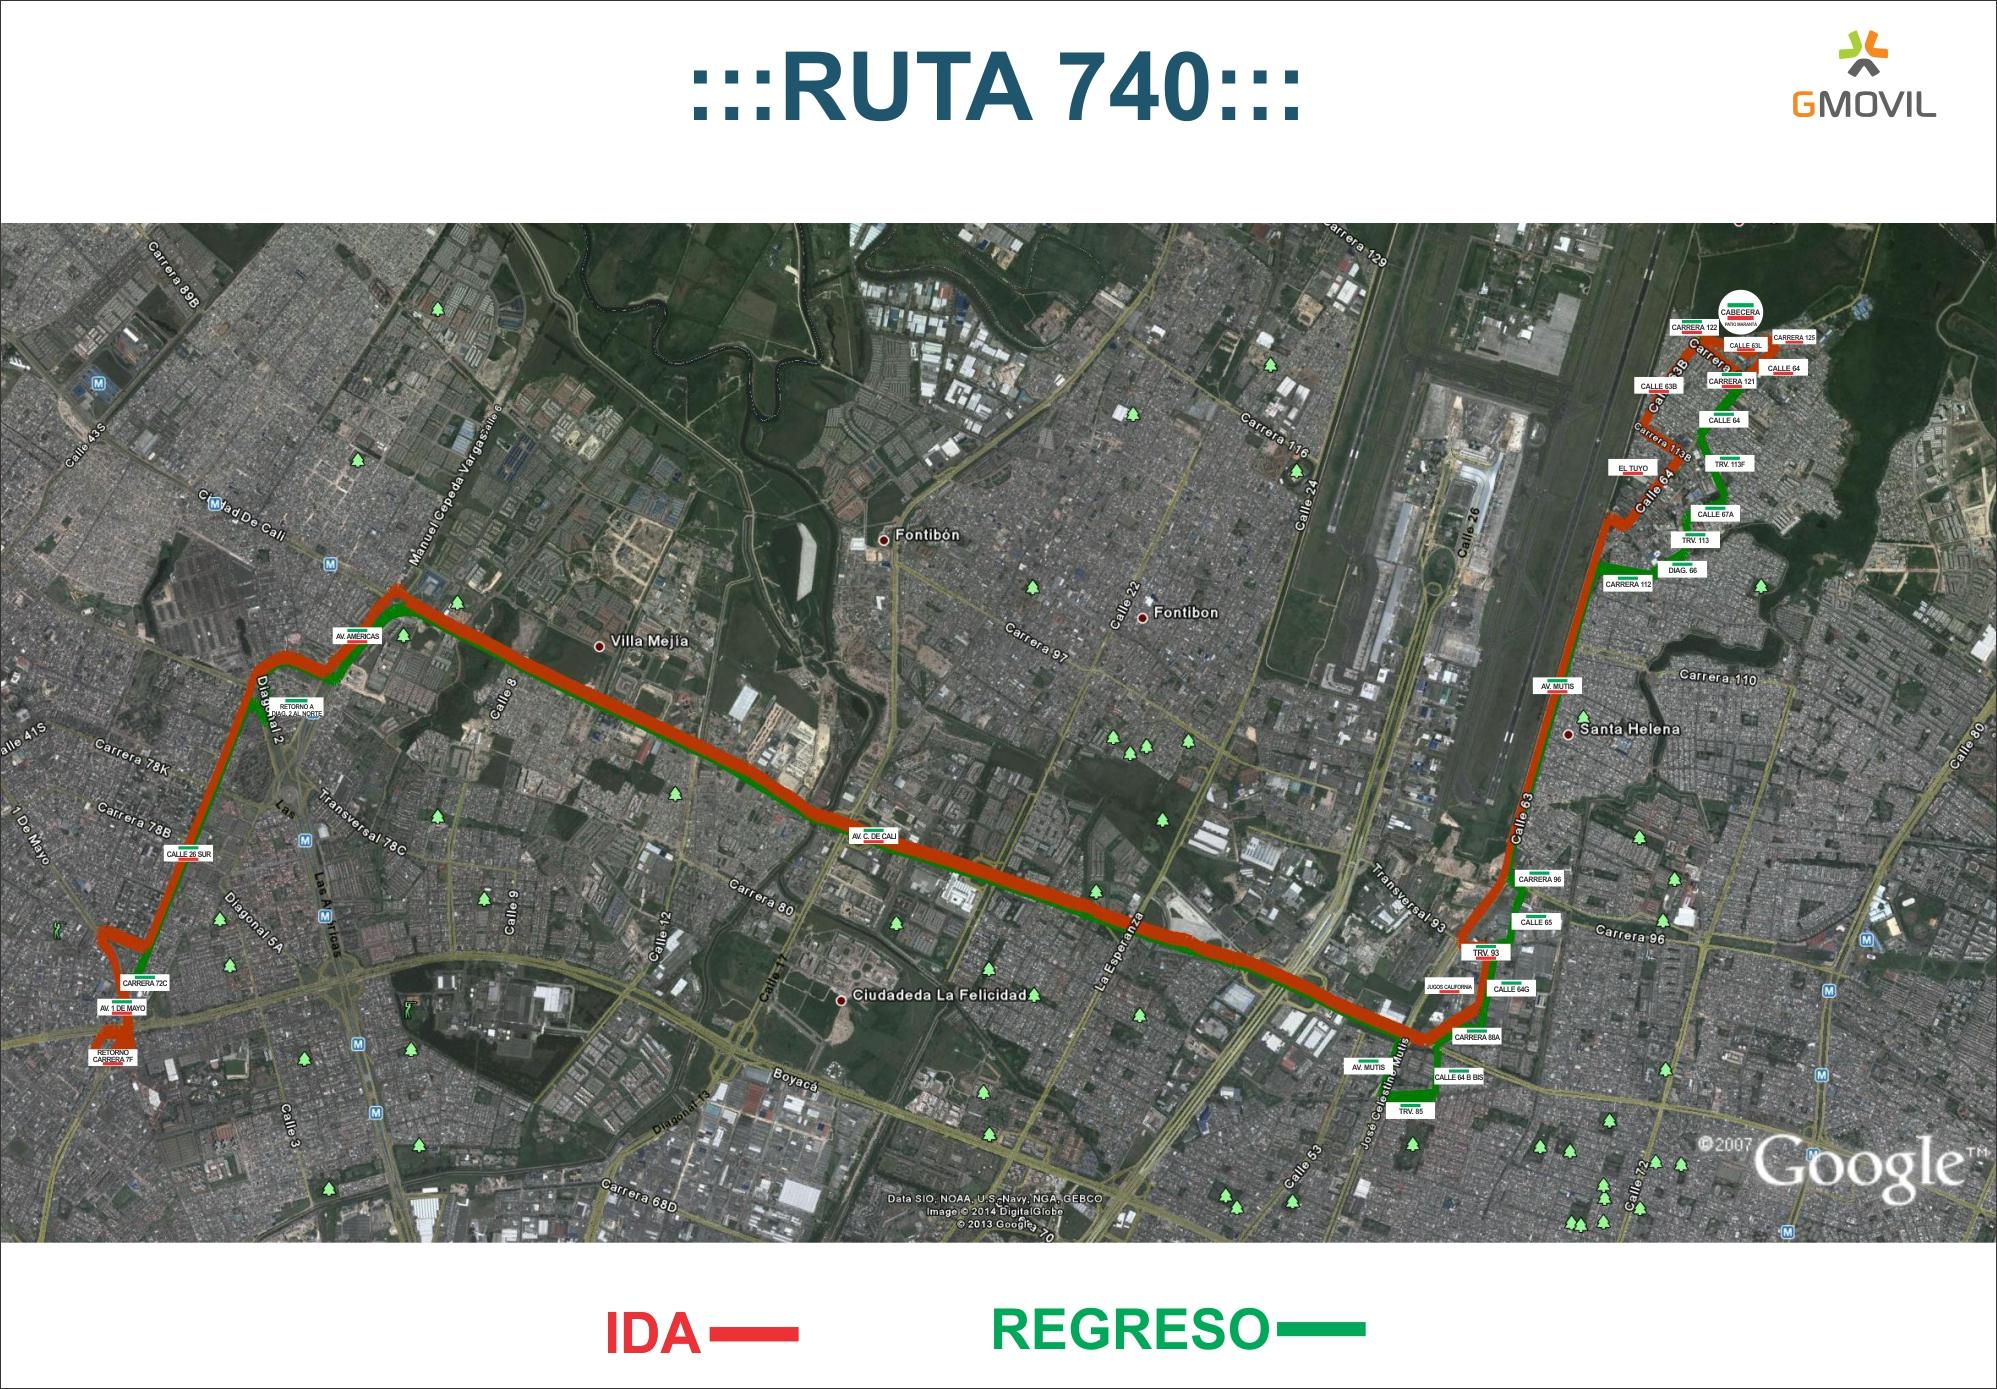 Ruta urbana 740 - mapa aéreo